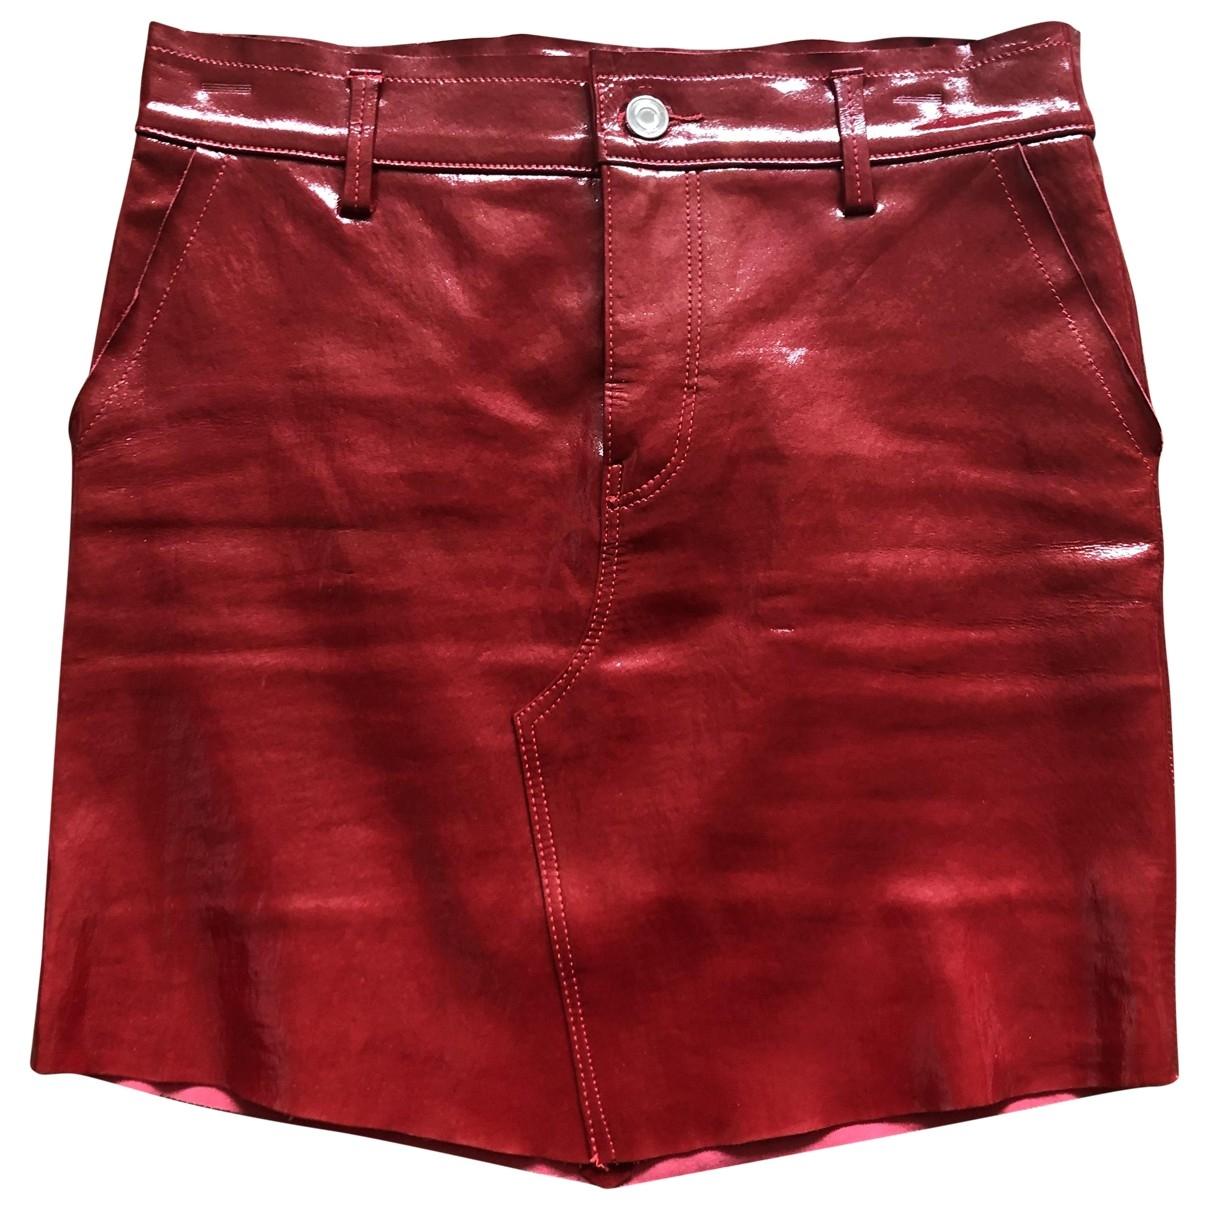 Rta - Jupe   pour femme en cuir - rouge